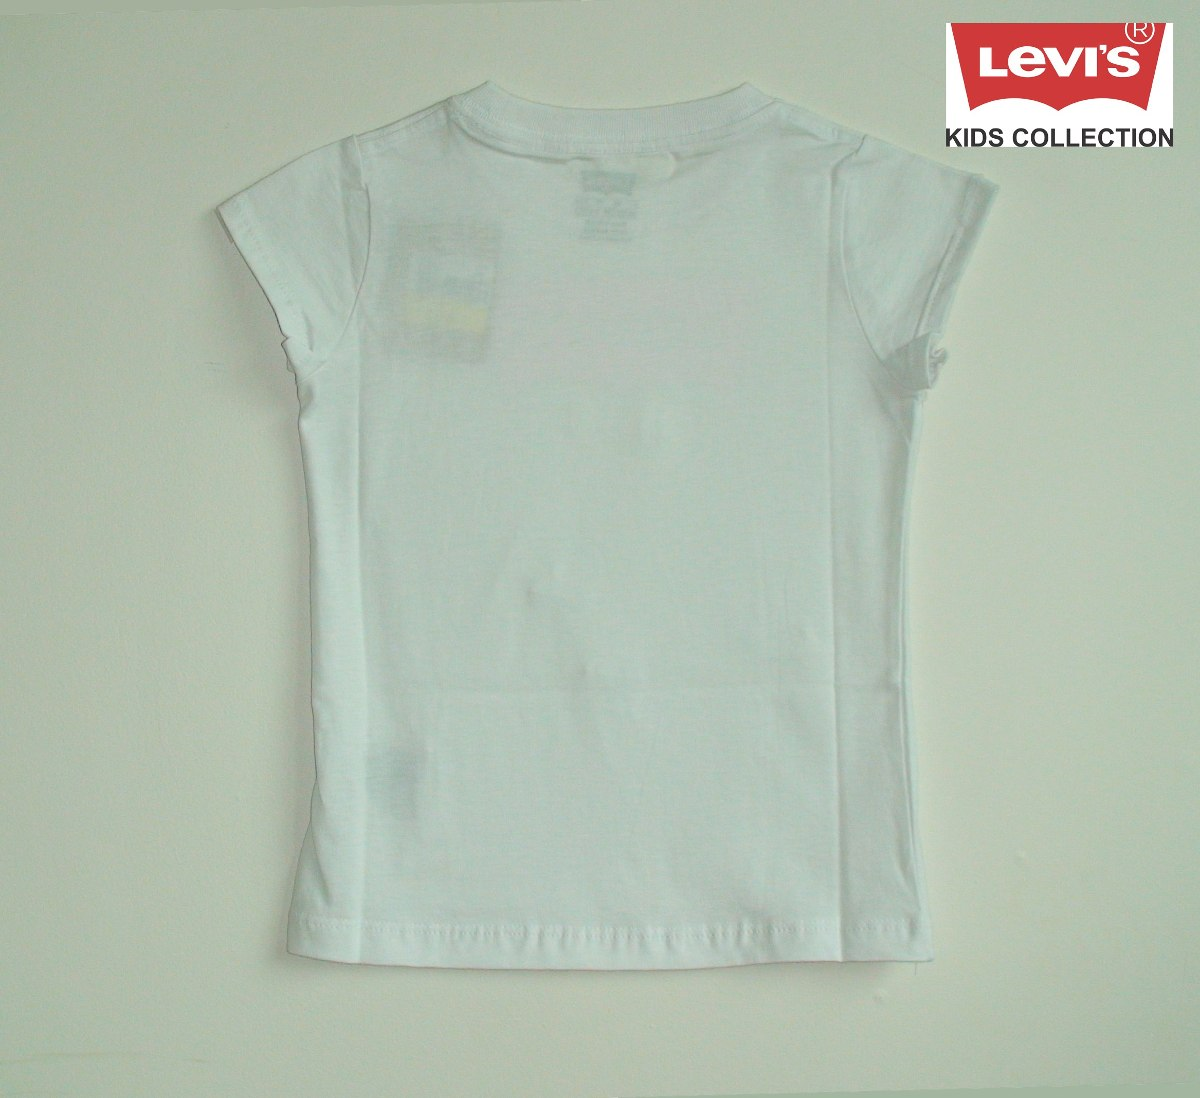 0ac82dec6bcbd camiseta batwing branca levis kids. Carregando zoom.